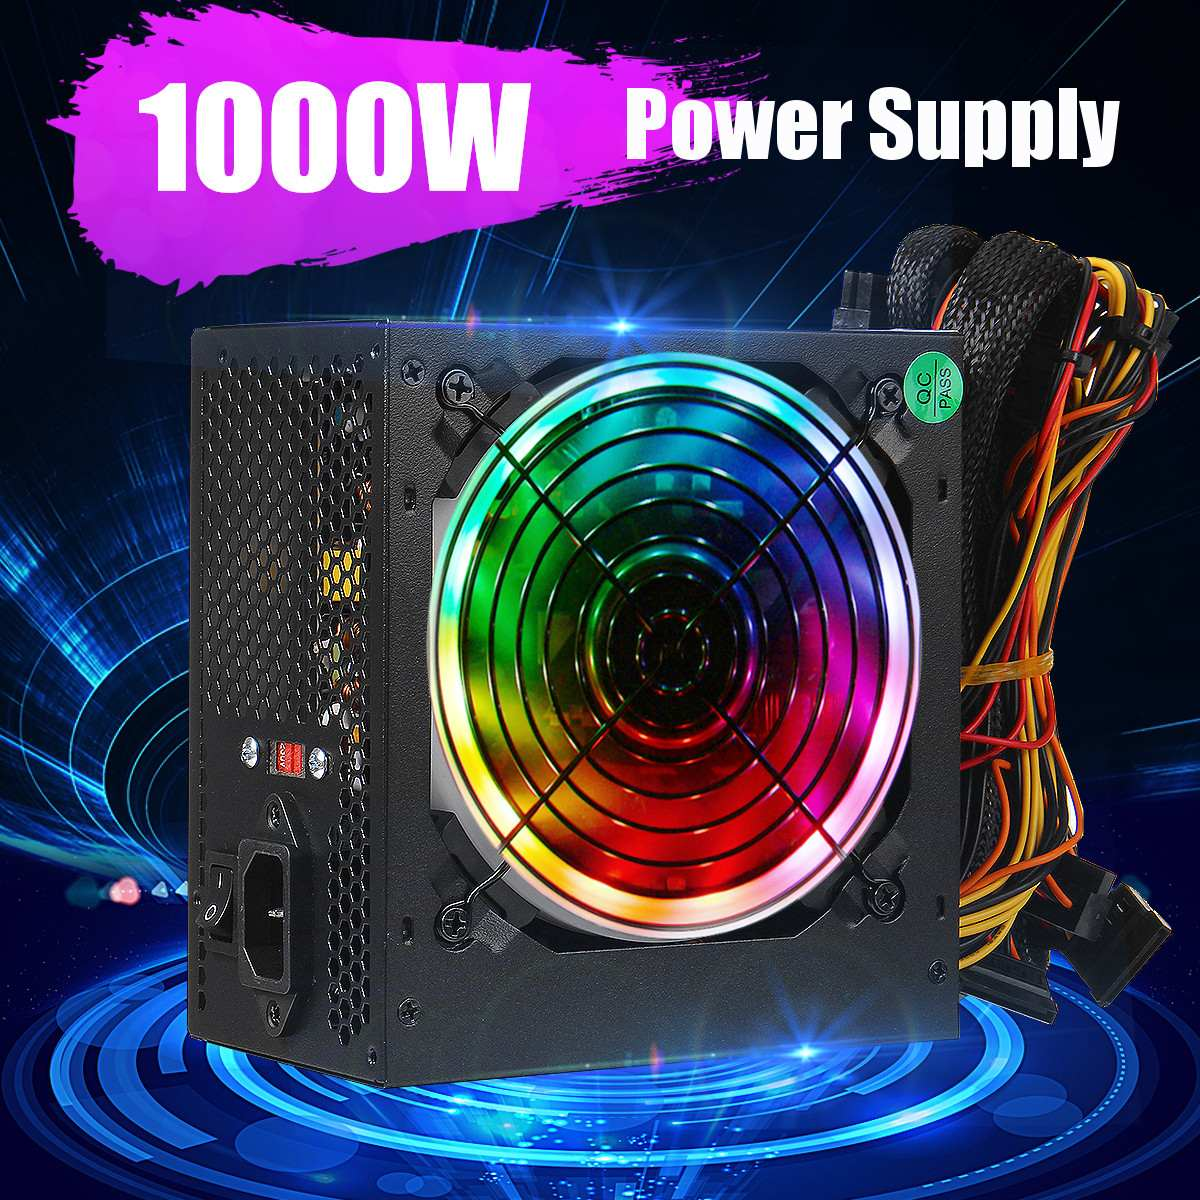 مصدر طاقة للكمبيوتر الشخصي ، بحد أقصى 1000 واط ، PFC ، مروحة صامتة ، ATX ، 20 دبوس ، 12 فولت ، SATA ، لأجهزة كمبيوتر ألعاب Intel و AMD